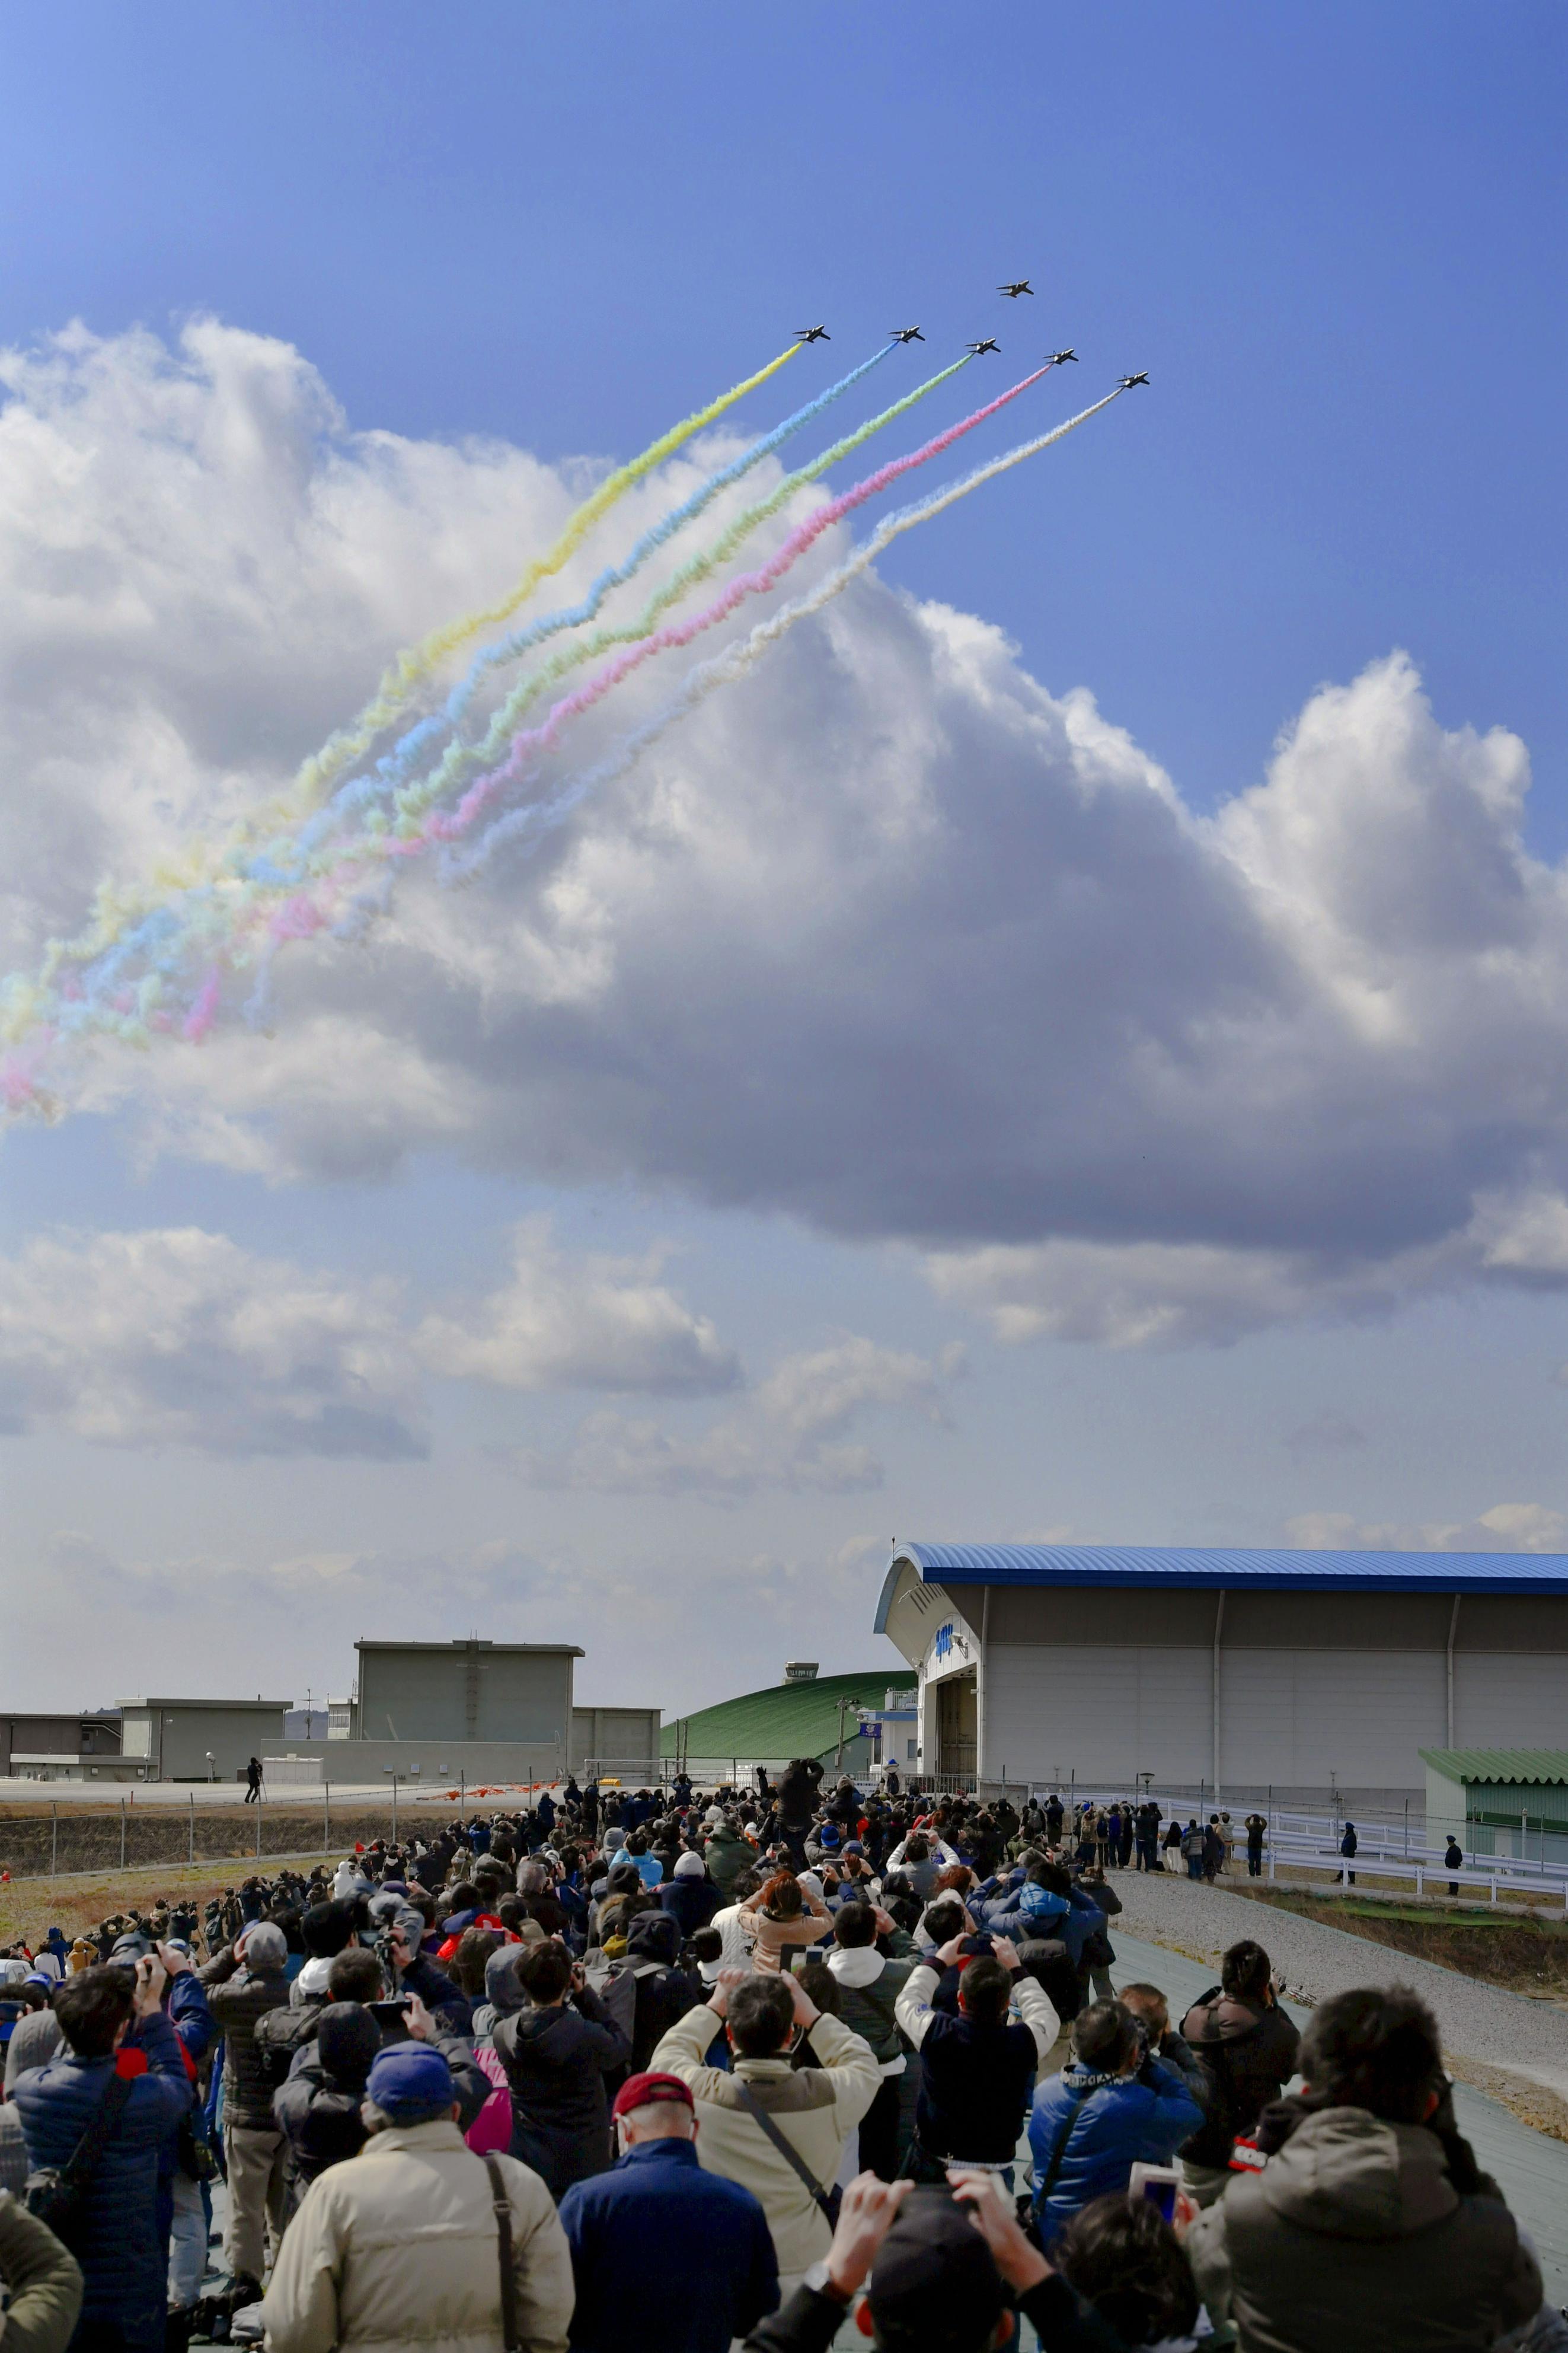 東京五輪の聖火到着を祝い、展示飛行する航空自衛隊「ブルーインパルス」=3月、宮城県東松島市